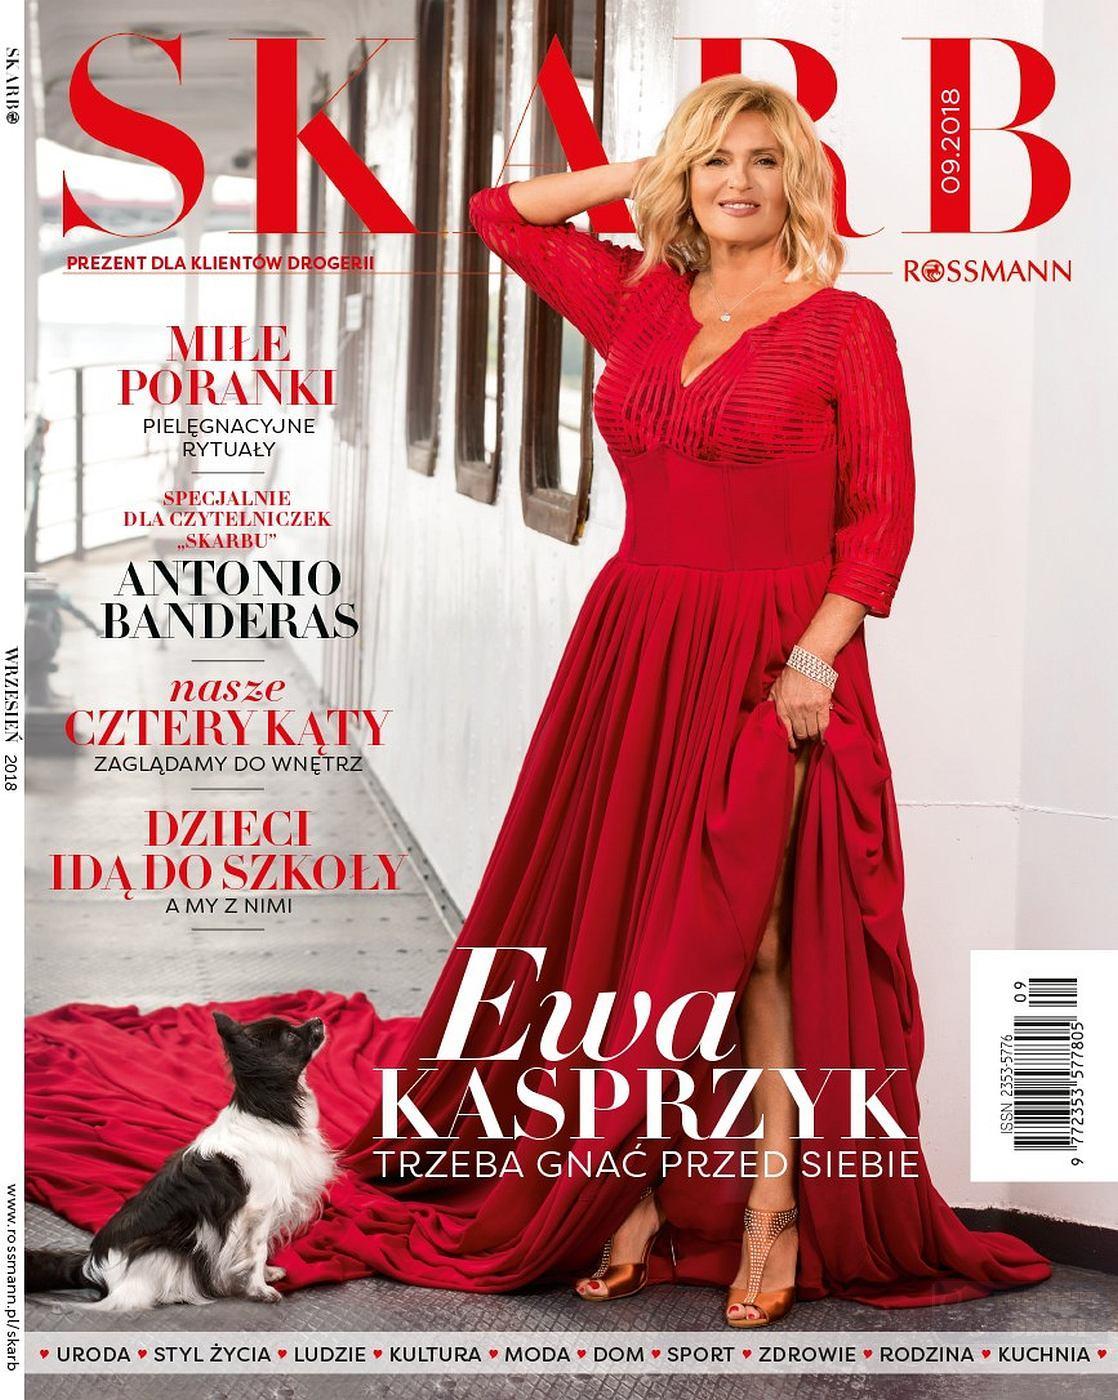 Gazetka promocyjna Rossmann do 30/09/2018 str.1